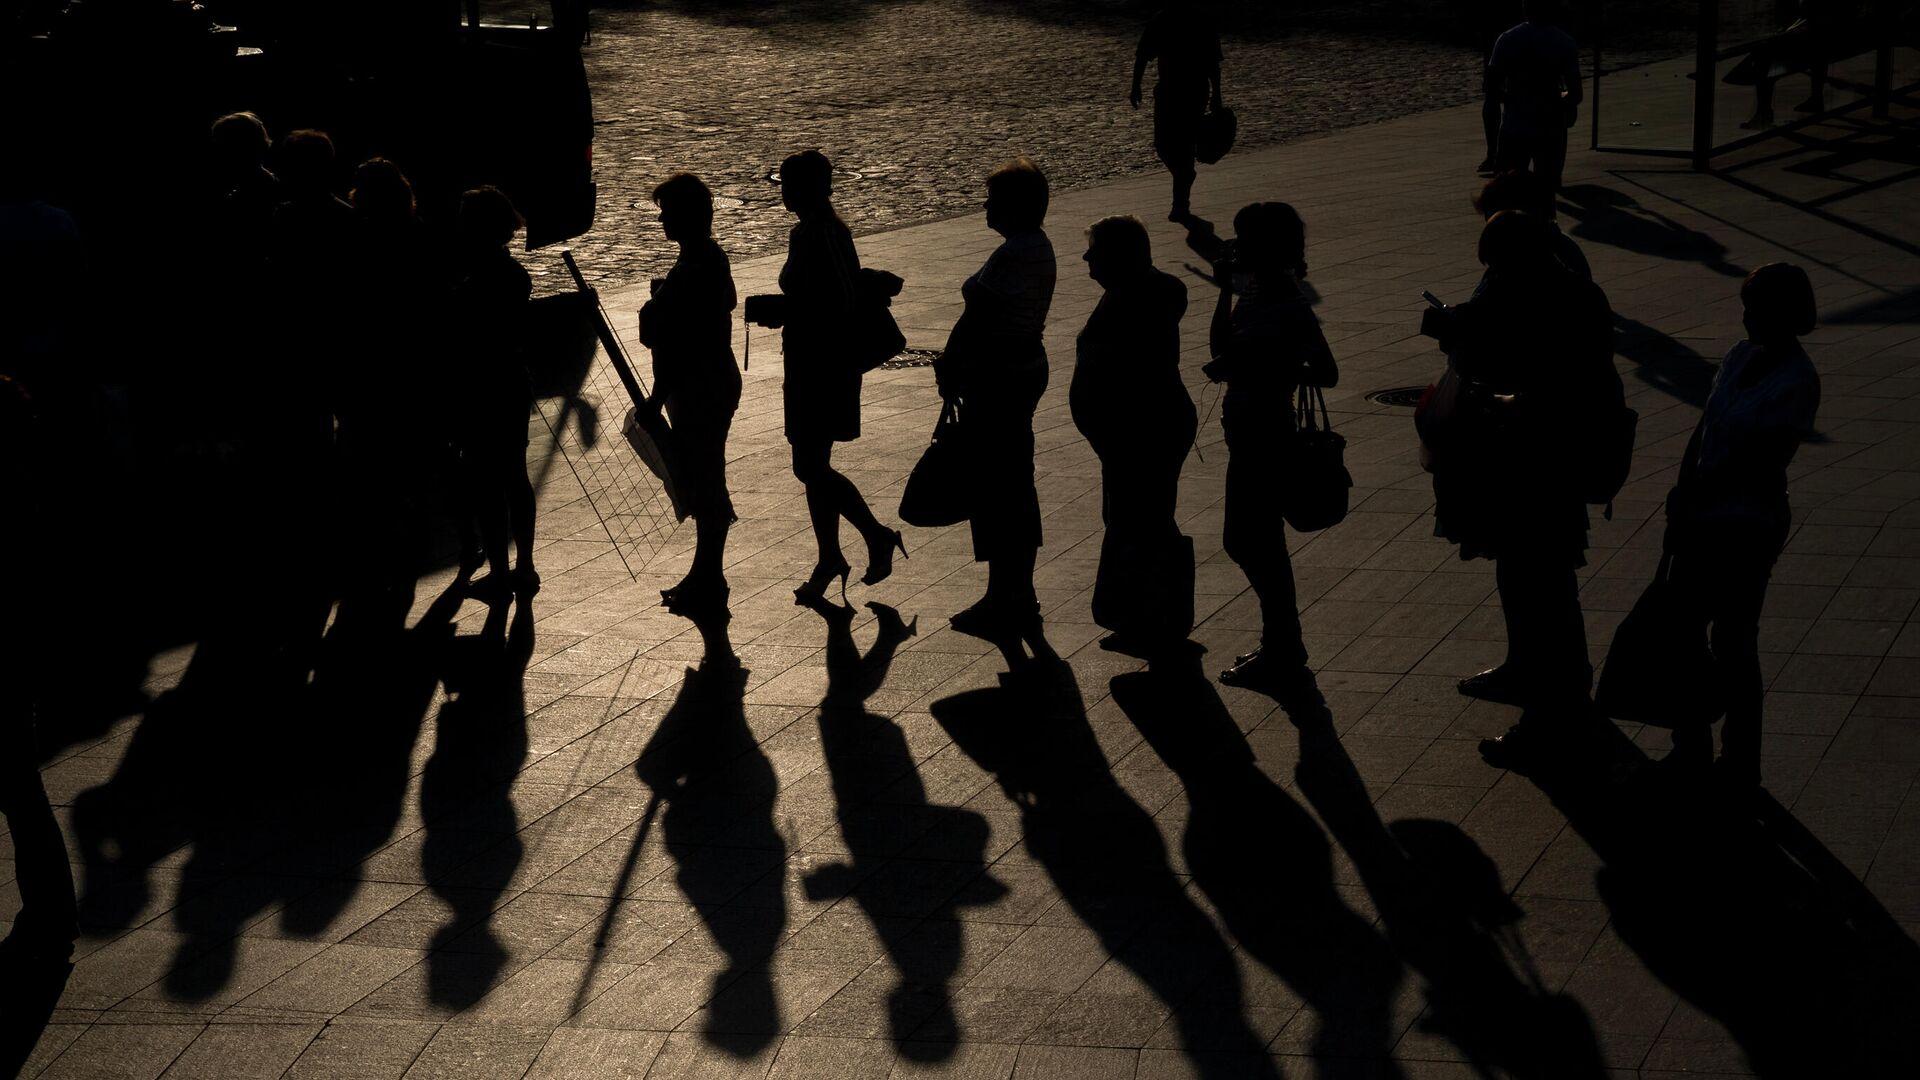 Люди стоят в очередт в Харькове  - РИА Новости, 1920, 22.07.2021